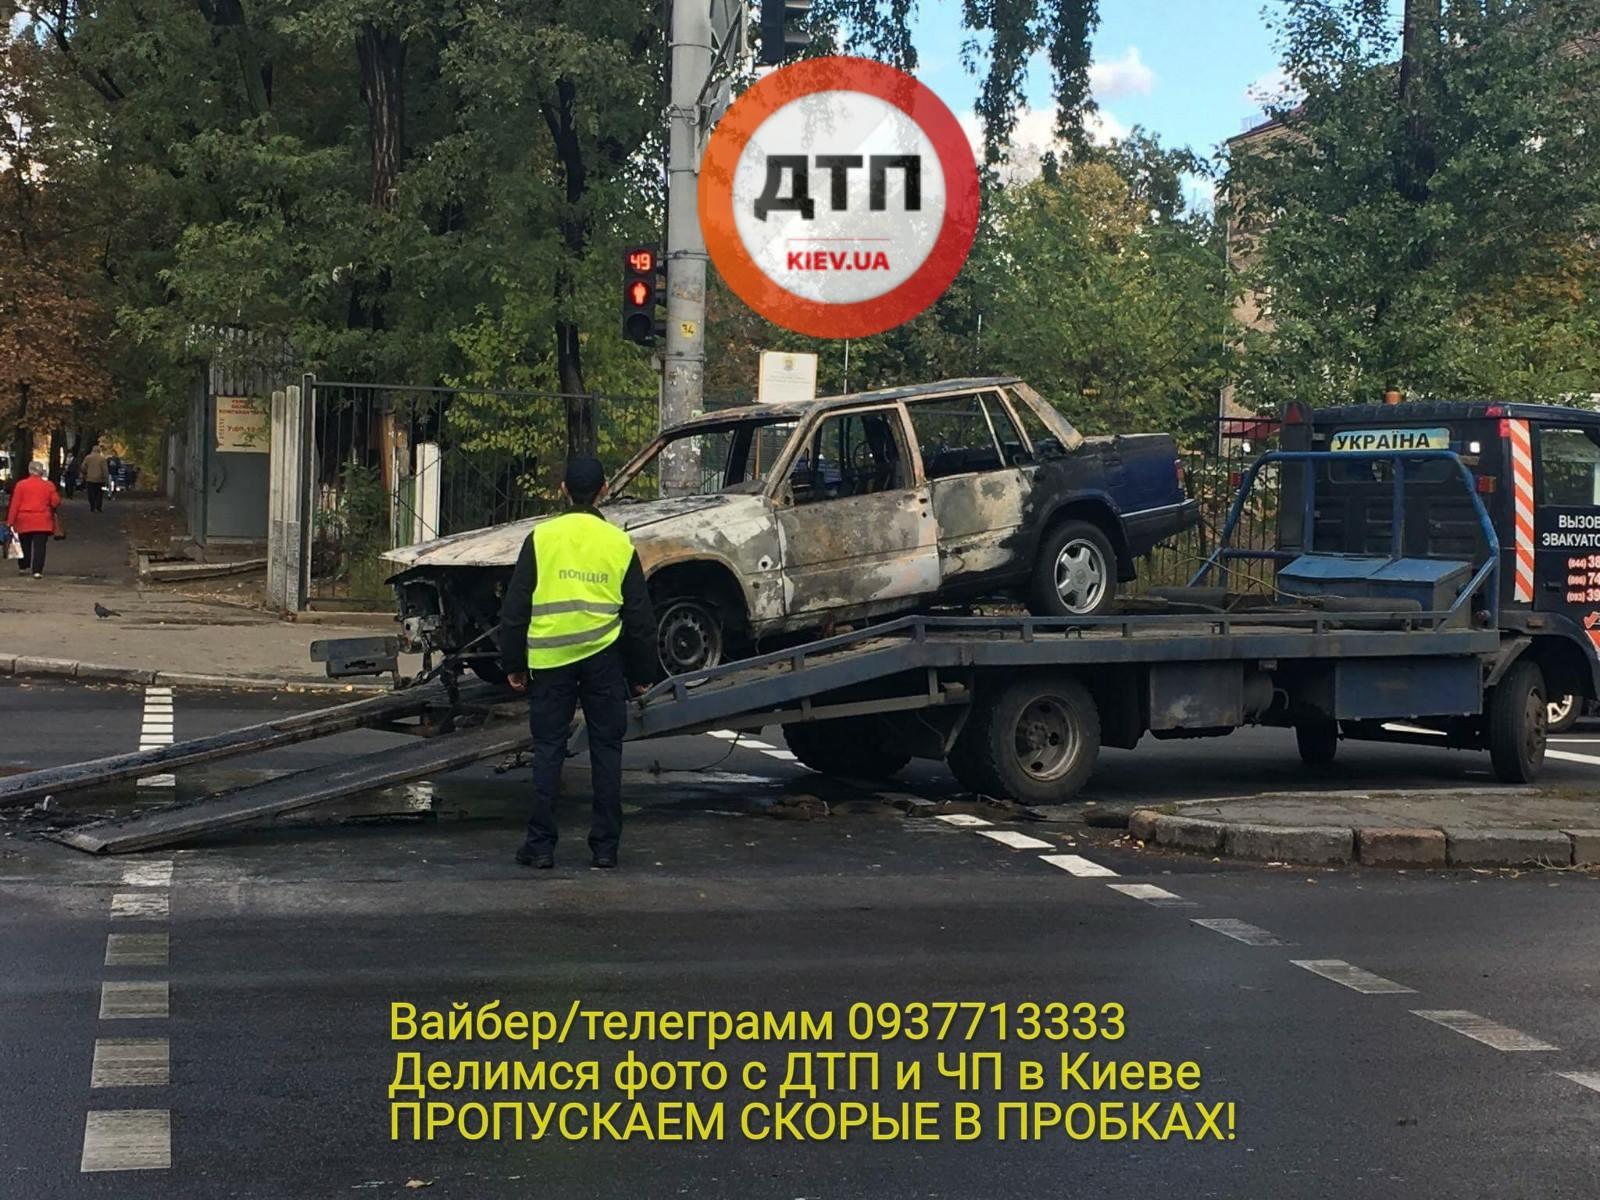 В Киеве посреди улицы взорвалось и сгорело авто